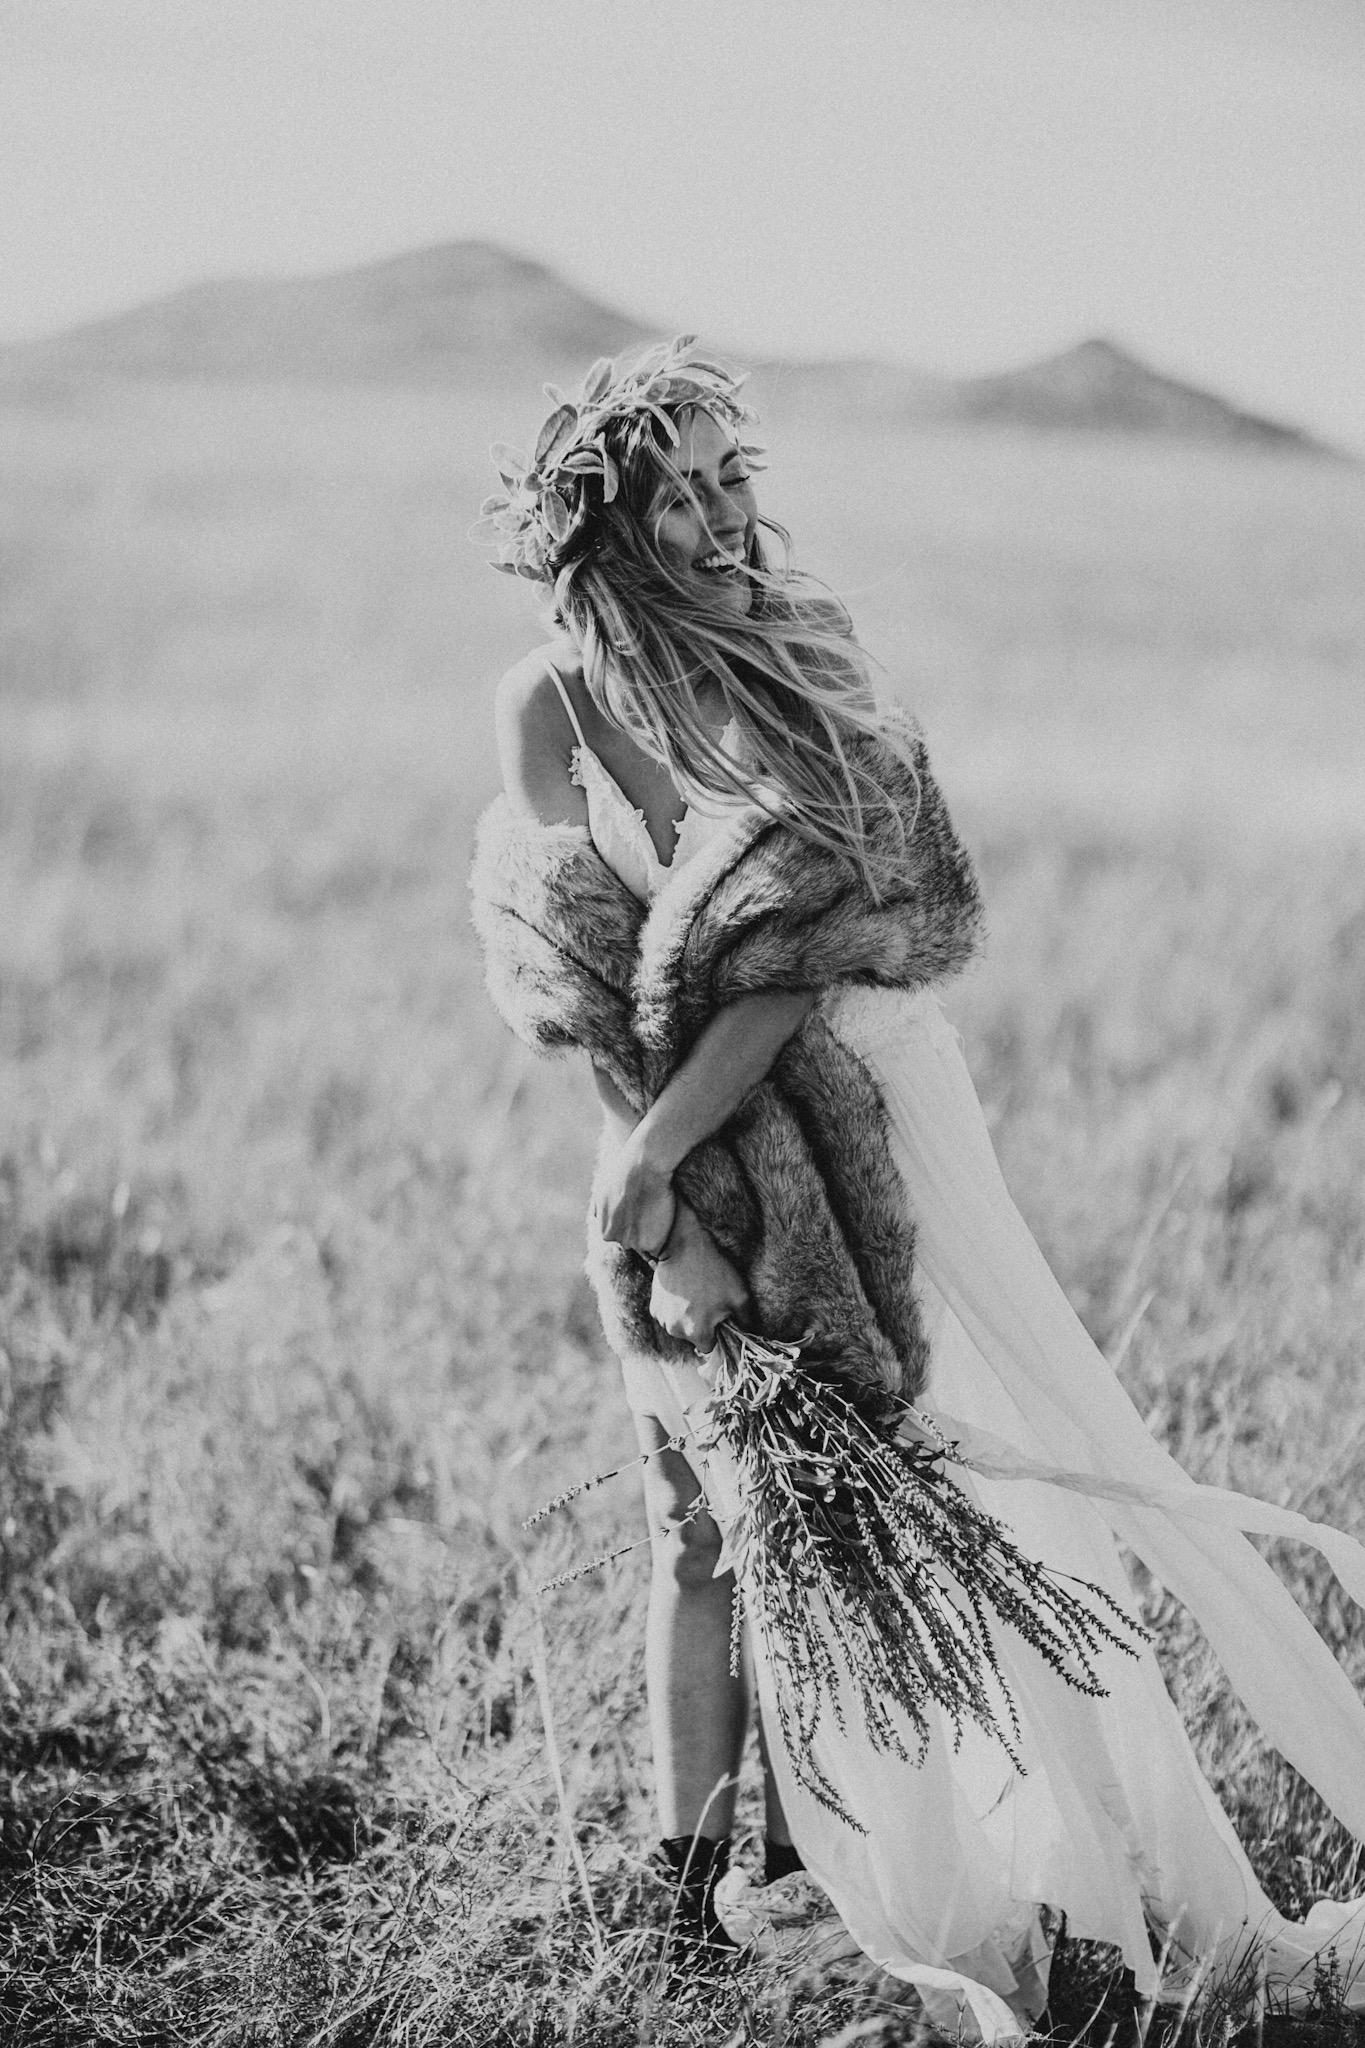 Wedding Photography | Wichita Mountains | Oklahoma | Leah Gunn Photo